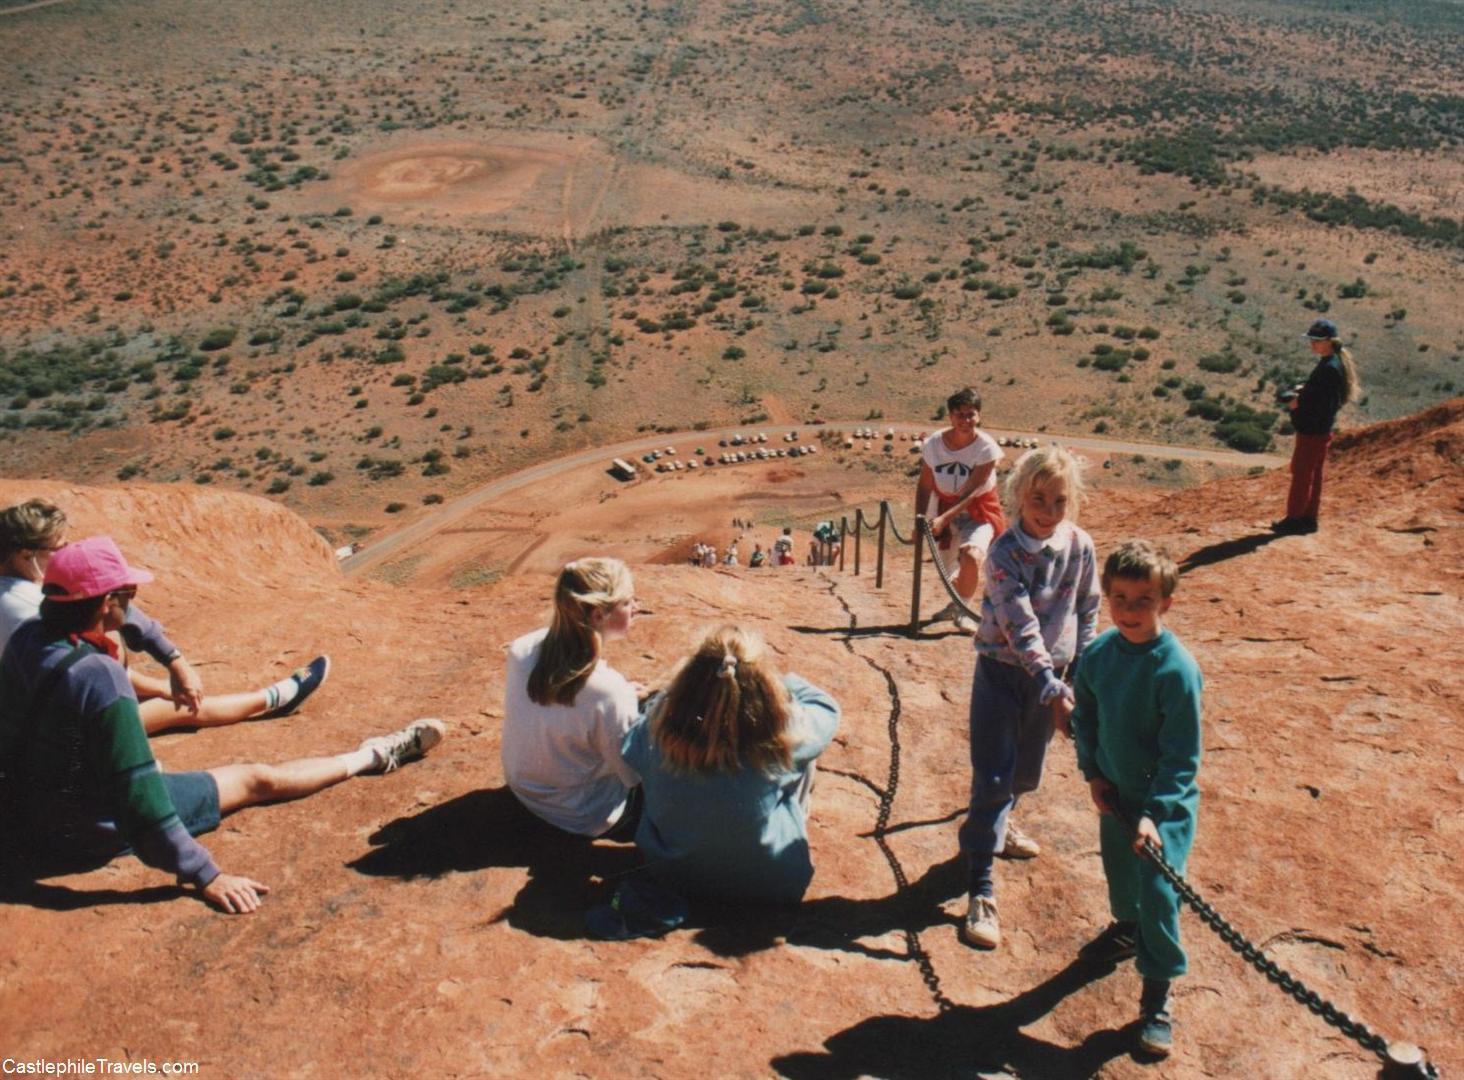 Climbing Ayer's Rock